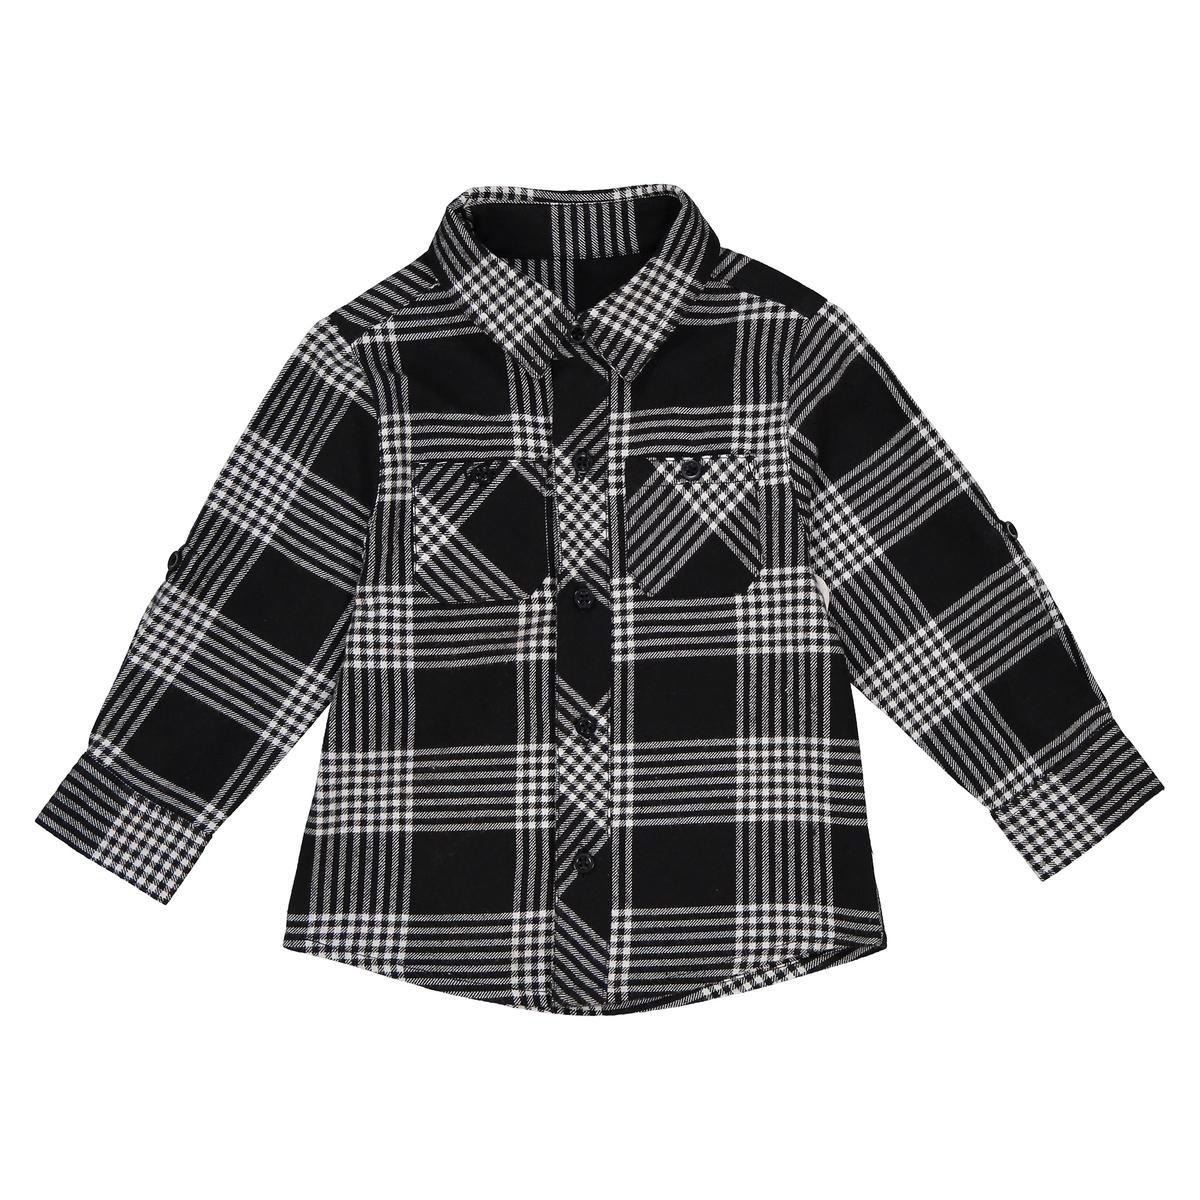 Рубашка La Redoute В клетку с длинными рукавами мес - года 1 мес. - 54 см черный футболка la redoute с длинными рукавами с вышивкой мес года 0 мес 50 см бежевый